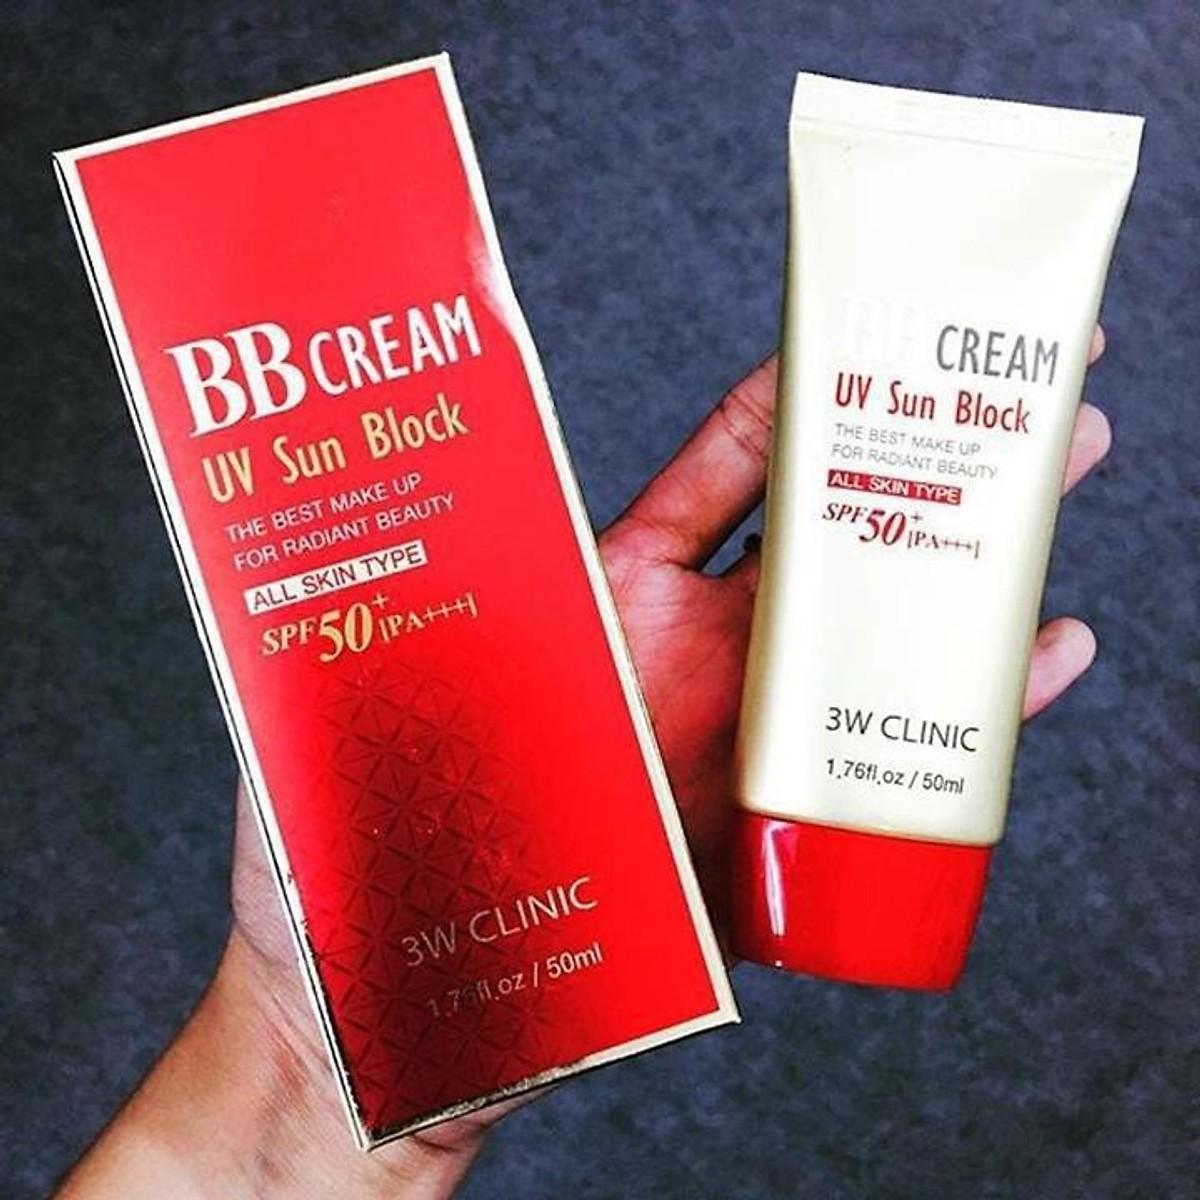 Kem nền chống nắng và dưỡng ẩm BB Cream UV Sun Block 3W Clinic SPF 50+ PA+++ 50ml - Hàn Quốc Chính Hãng 1